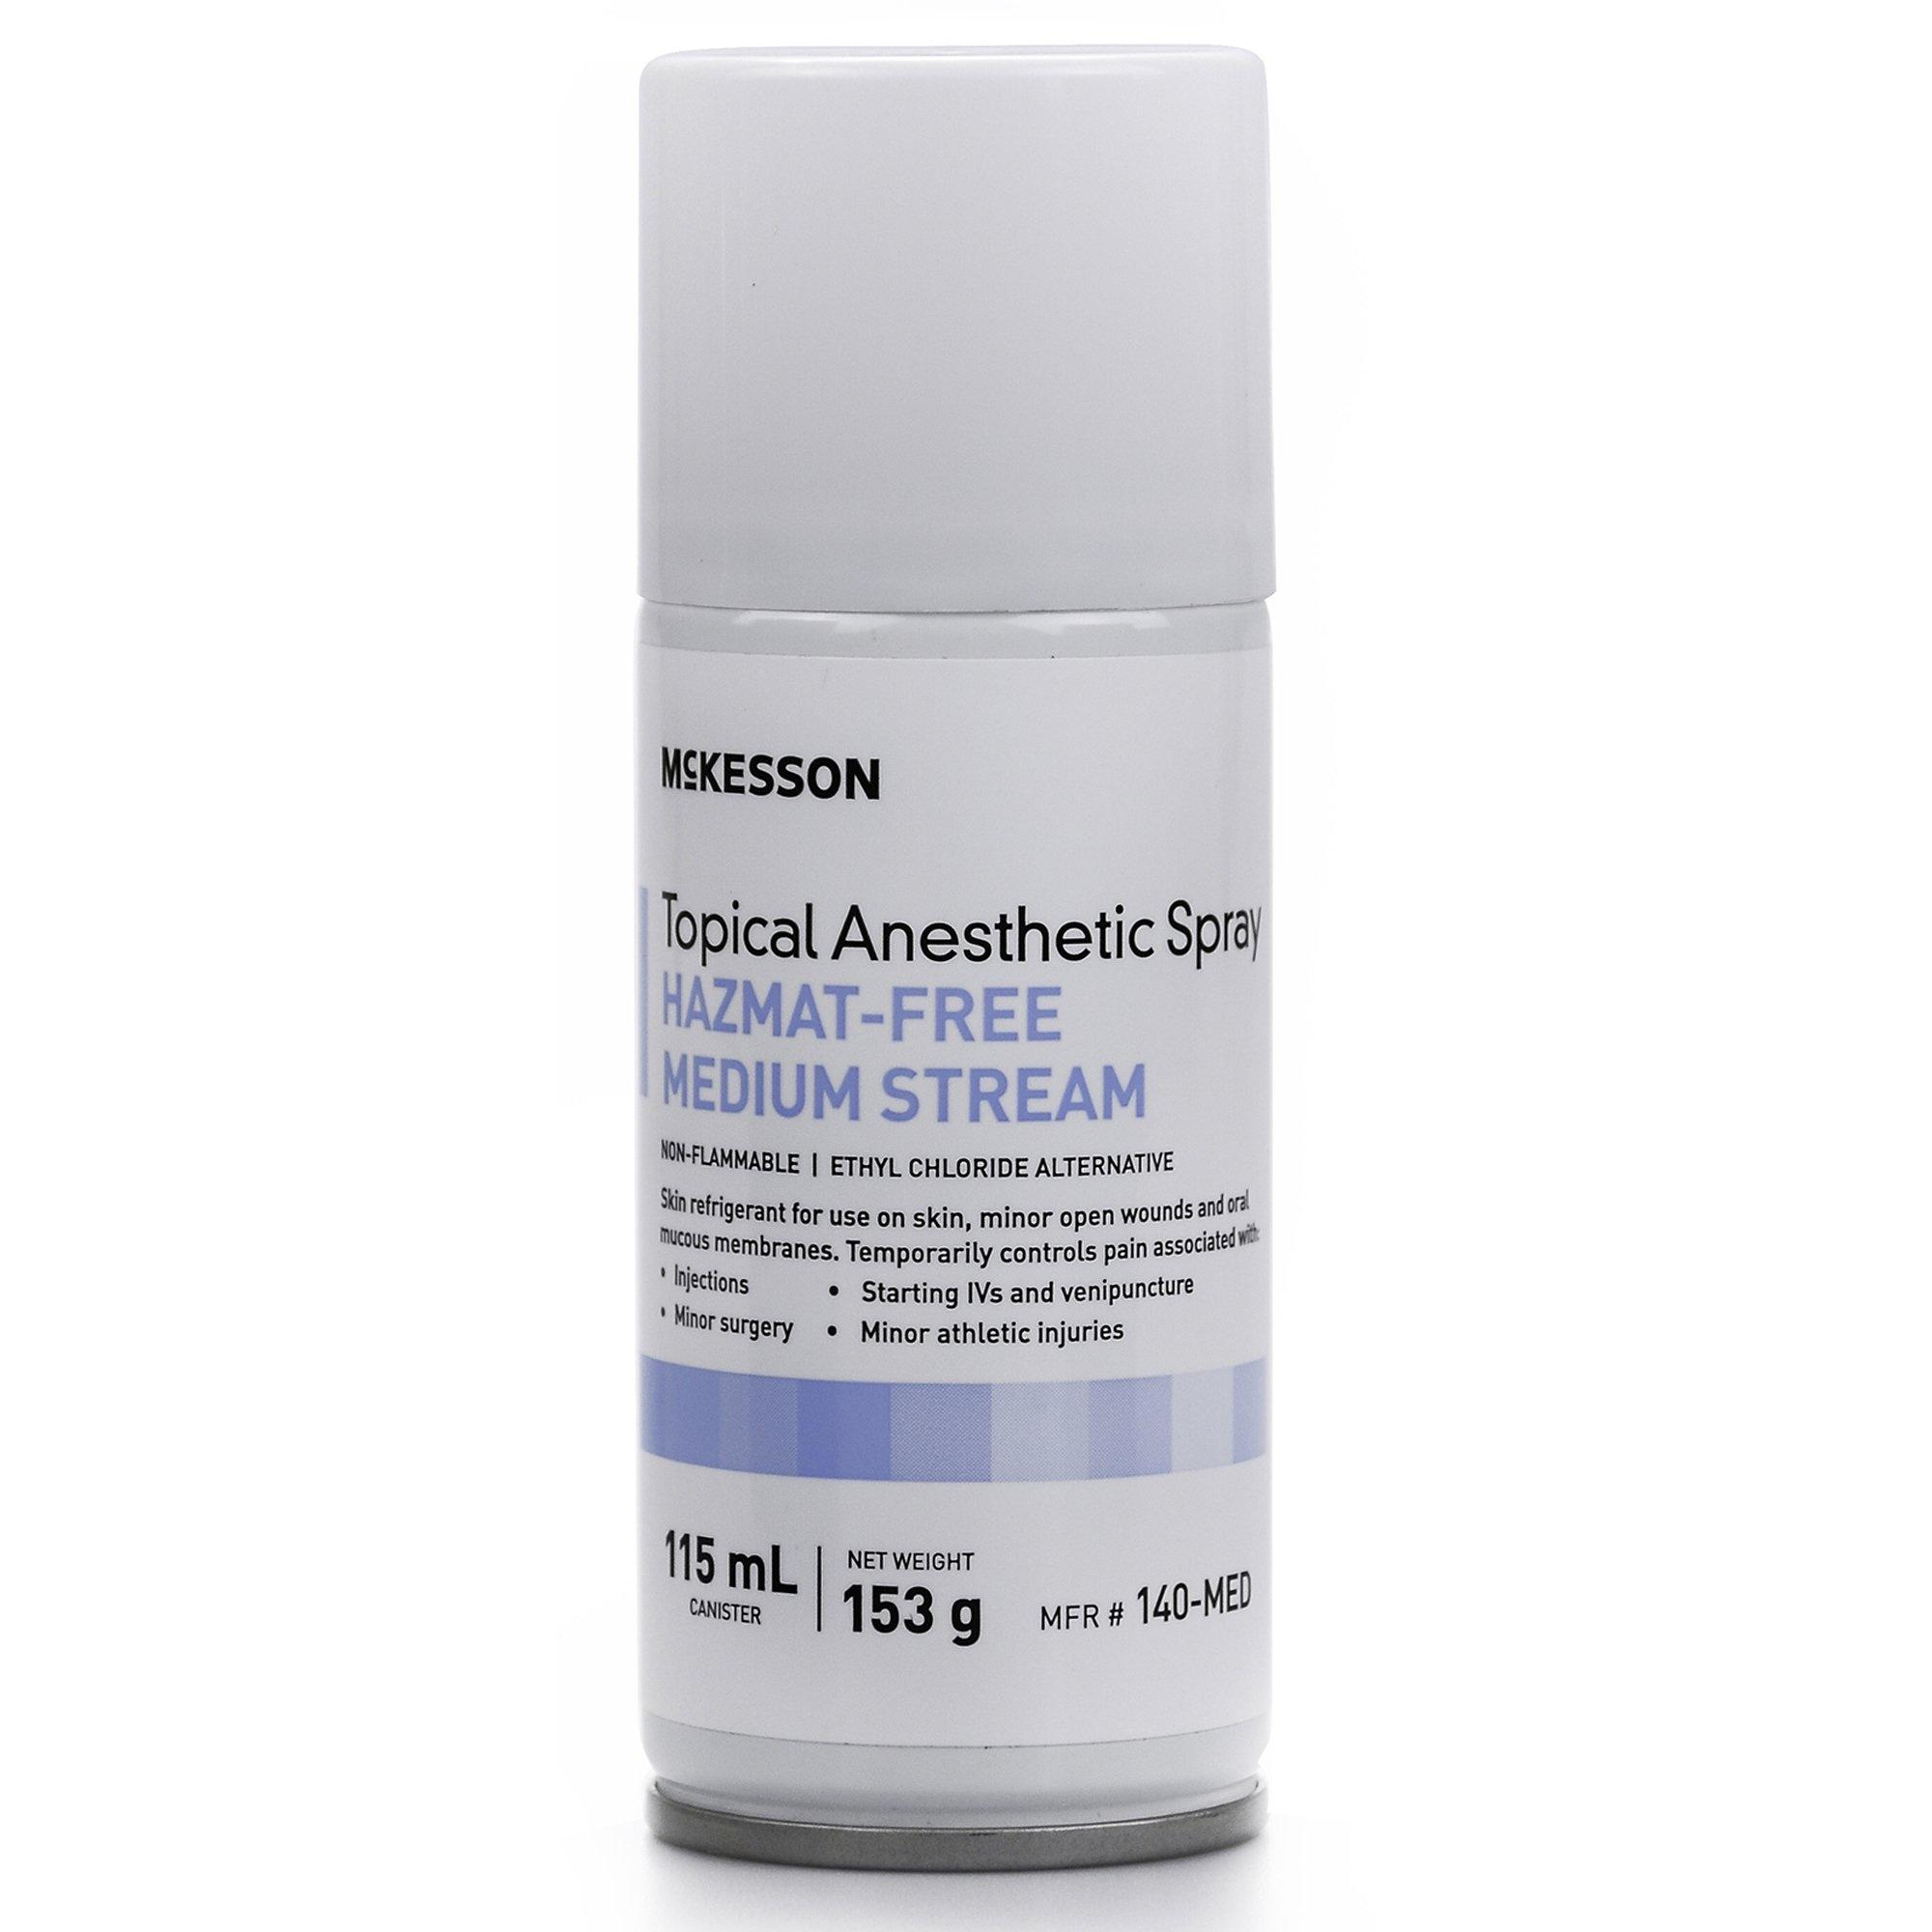 McKesson Hazmat-Free Medium Stream Topical Anesthetic Spray, 115 mL, 140-MED, 1 Bottle